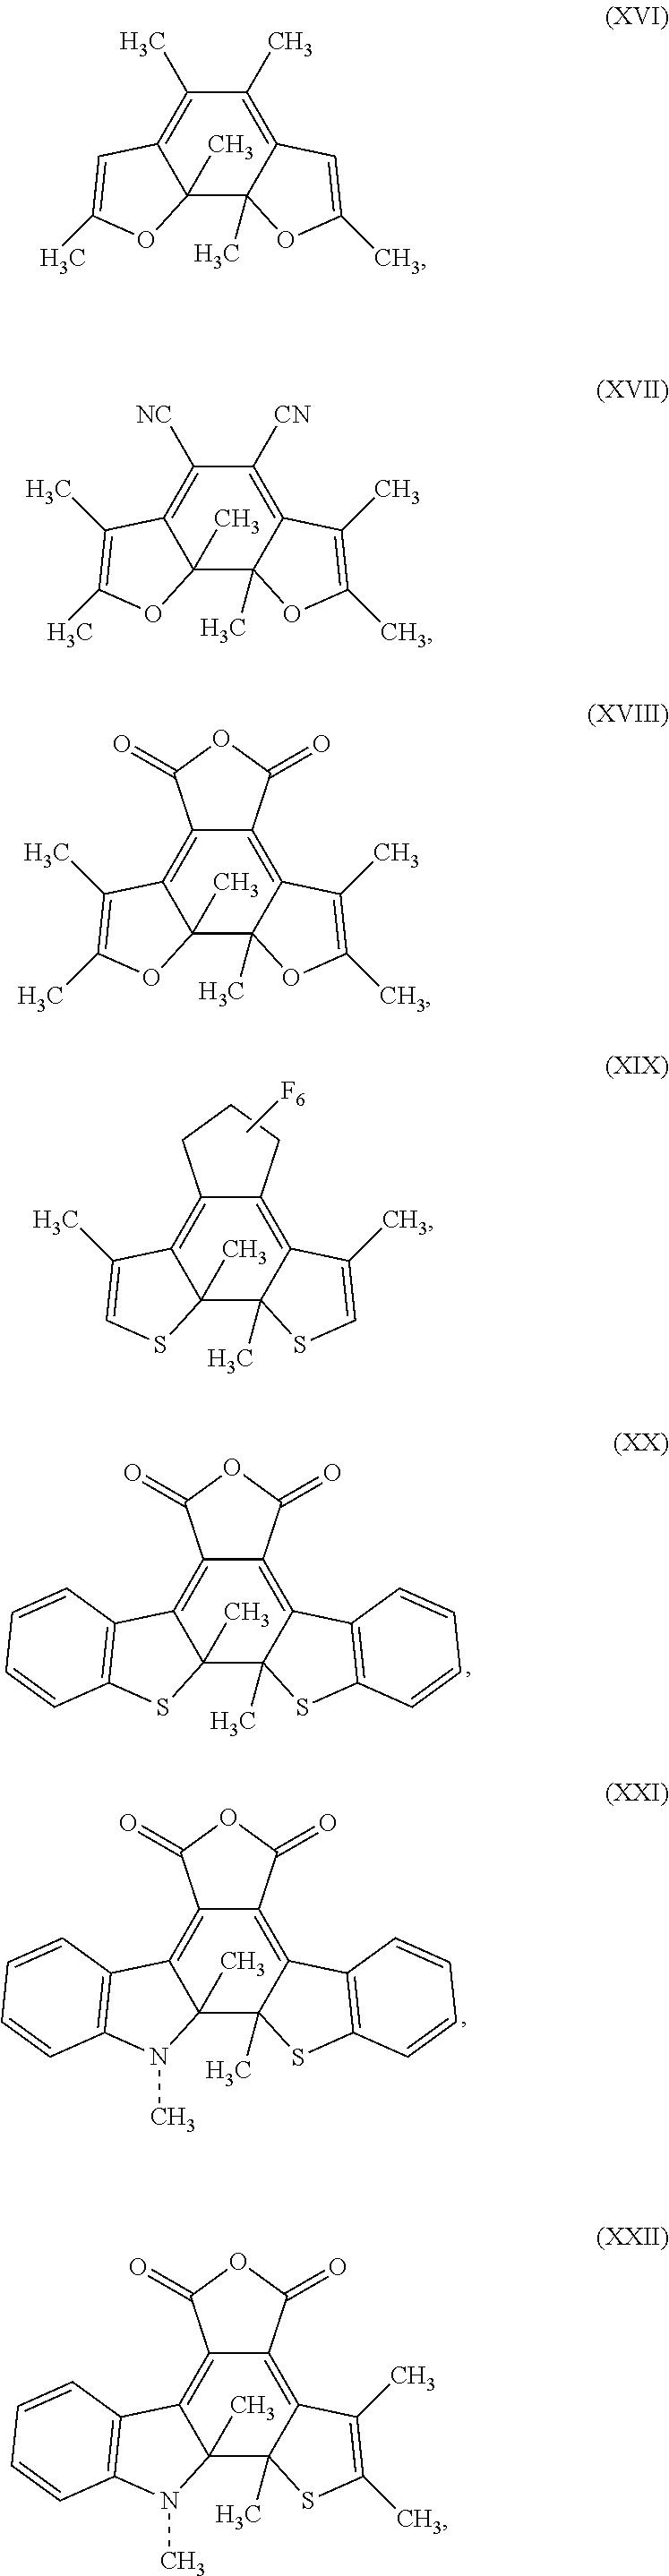 Figure US20120026564A1-20120202-C00003